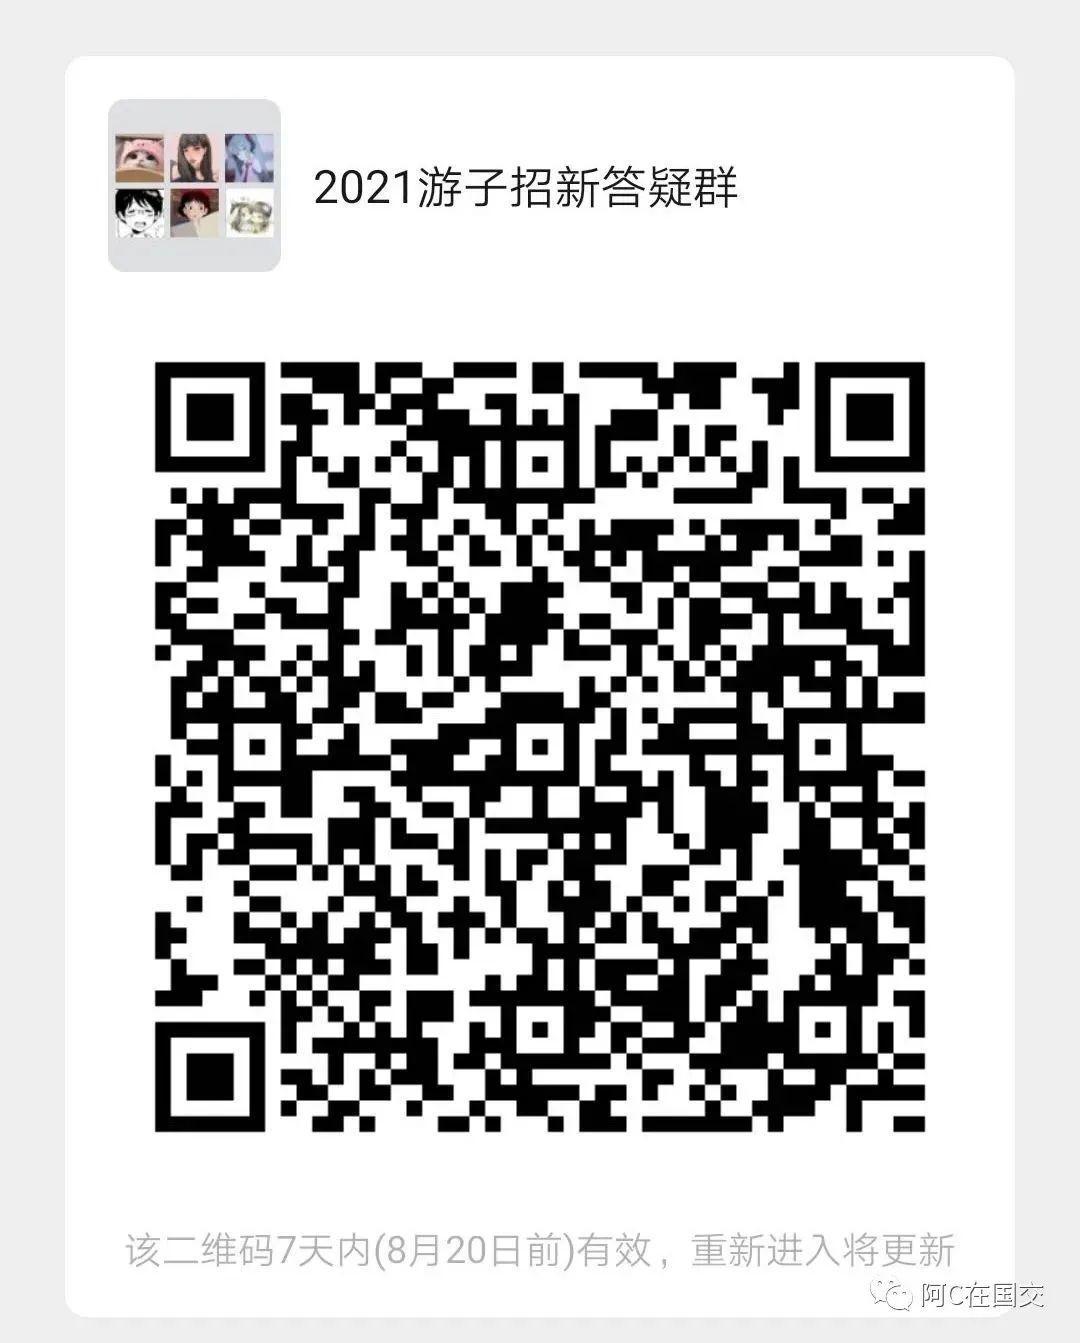 【游子招新】游子社拍了拍你,并邀请你一起改变世界  深圳国际交流学院 第10张